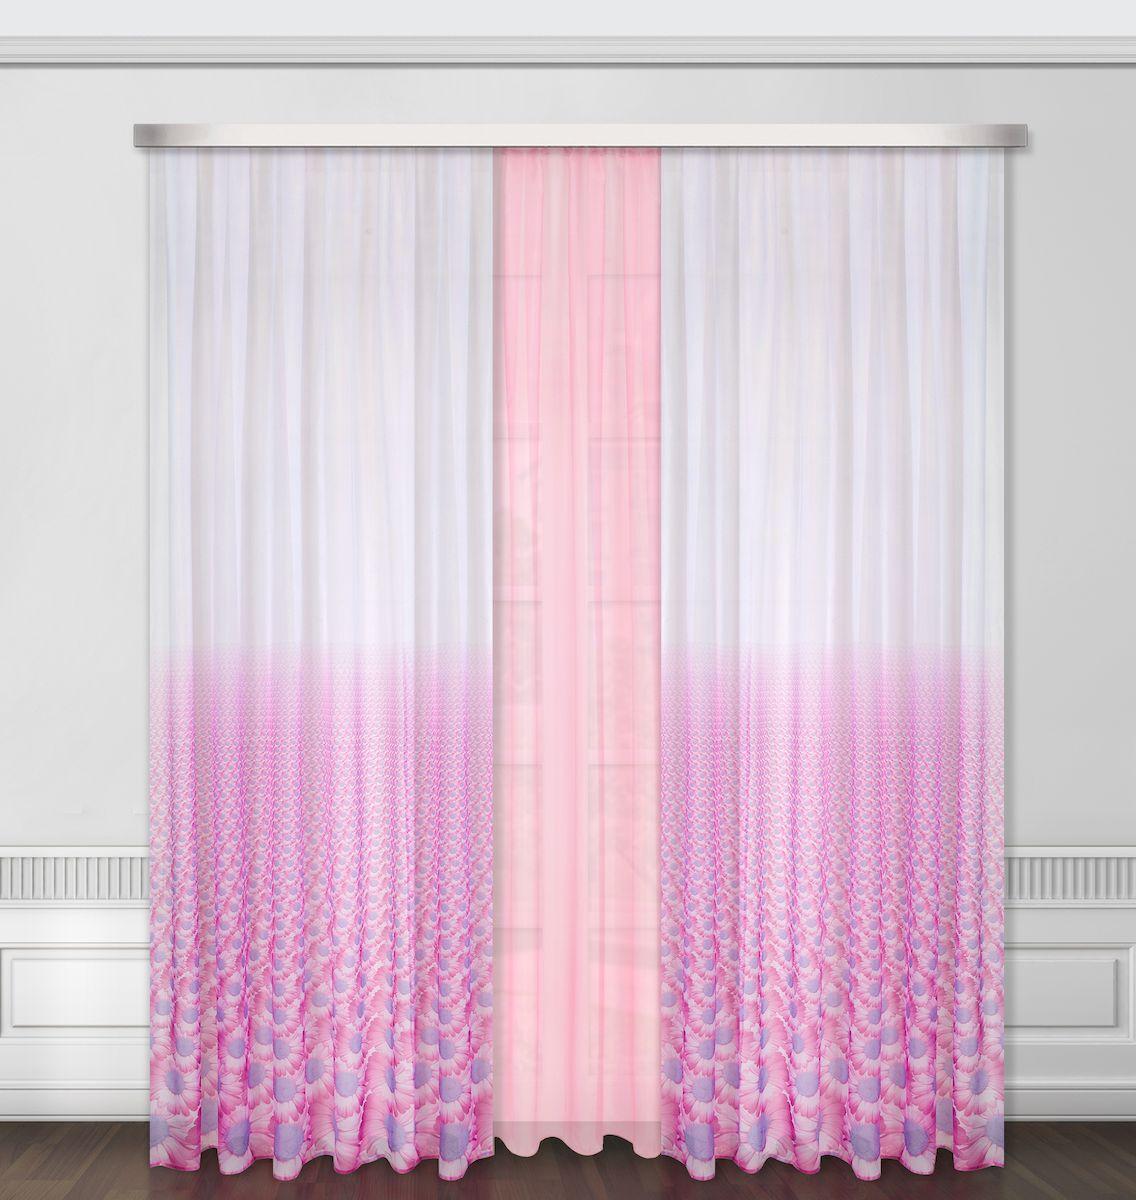 Комплект штор Zlata Korunka, на ленте, цвет: сиреневый, высота 260 см. 55663333315Роскошный комплект штор Zlata Korunka, выполненный из полиэстера, великолепно украсит любое окно. Комплект состоит из тюля и двух штор. Цветочный рисунок и приятная цветовая гамма привлекут к себе внимание и органично впишутся в интерьер помещения. Этот комплект будет долгое время радовать вас и вашу семью!Комплект крепится на карниз при помощи ленты, которая поможет красиво и равномерно задрапировать верх.В комплект входит: Тюль: 1 шт. Размер (Ш х В): 350 см х 260 см. Штора: 2 шт. Размер (Ш х В): 160 см х 260 см.